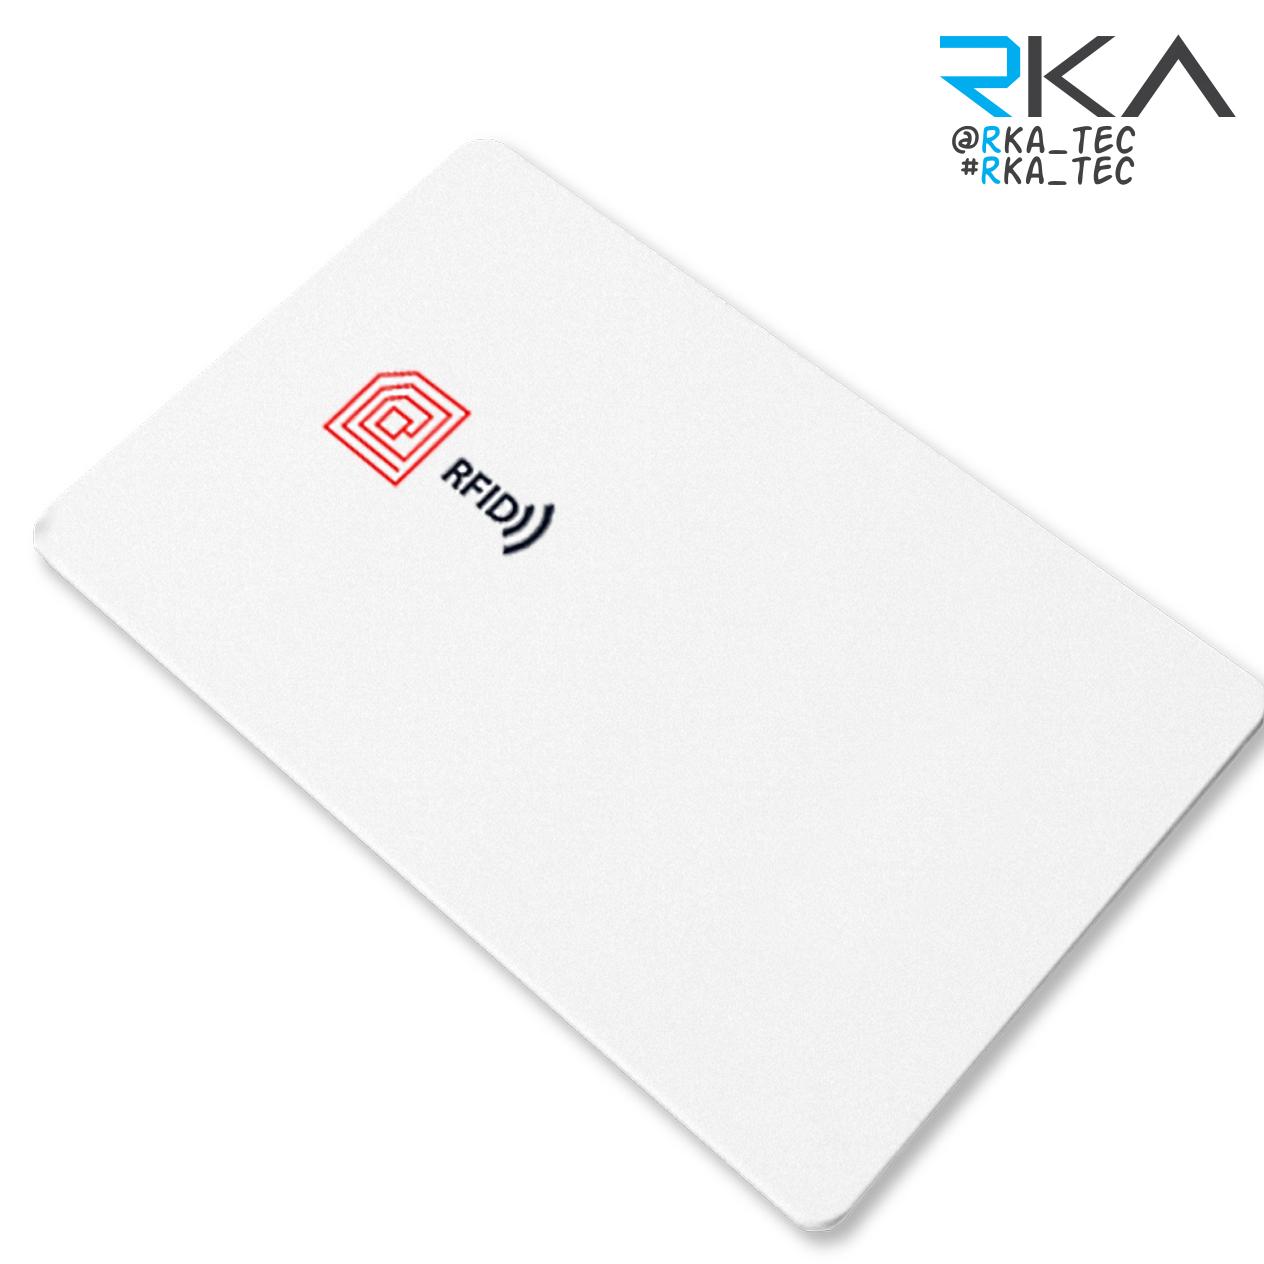 سامانه بازشناسی با امواج رادیویی(RFID)